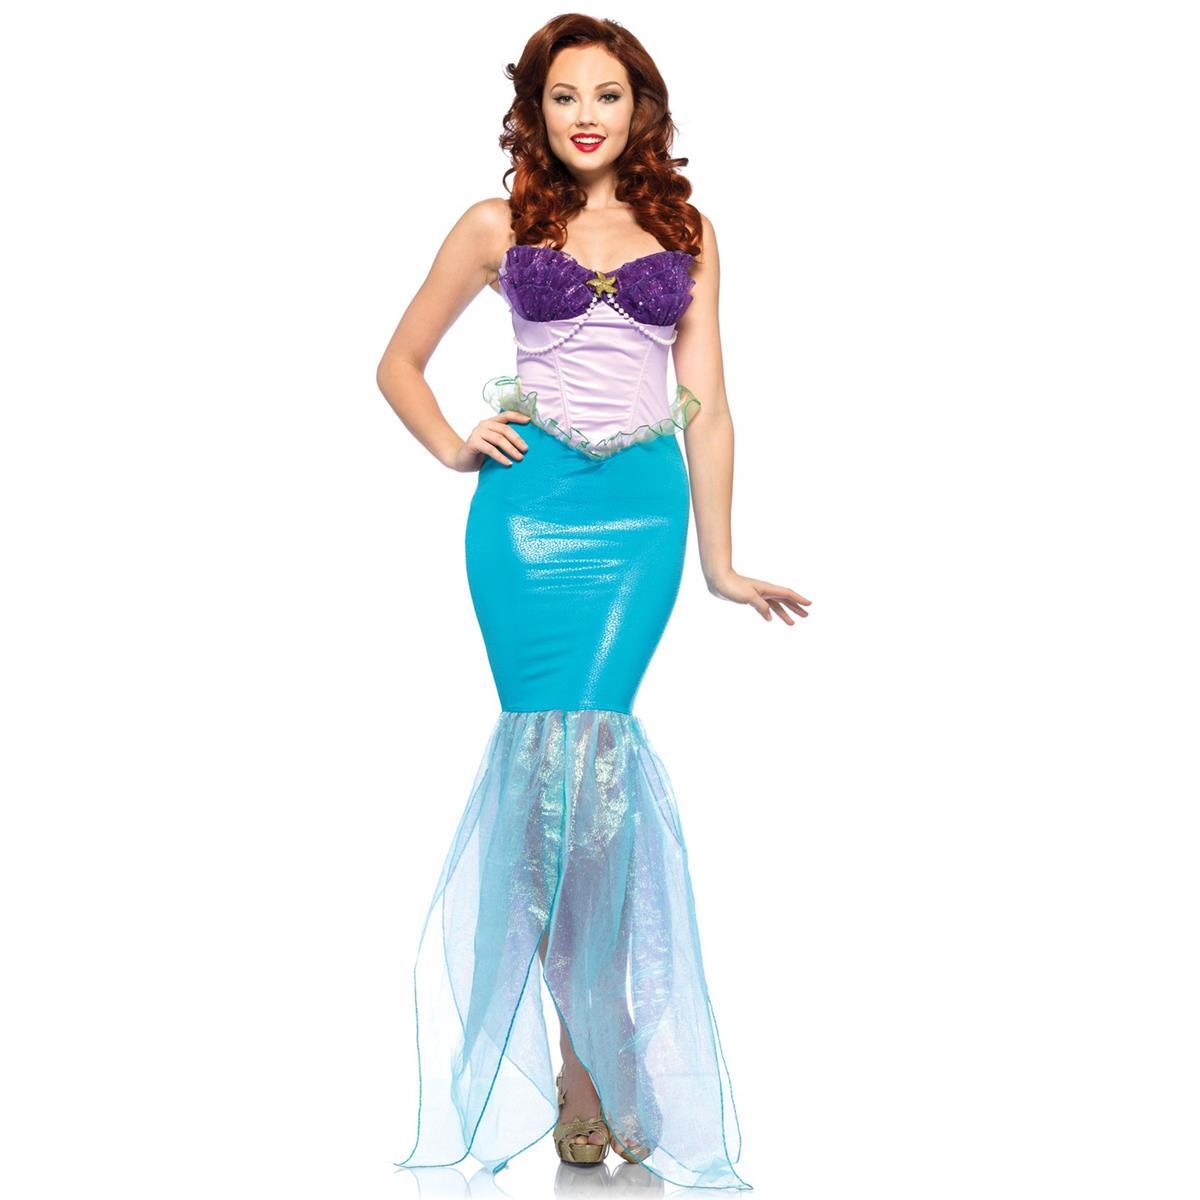 ディズニー プリンセス コスチューム 大人 リトルマーメイド 衣装 ストア ハロウィン リトルマーメイド アリエル